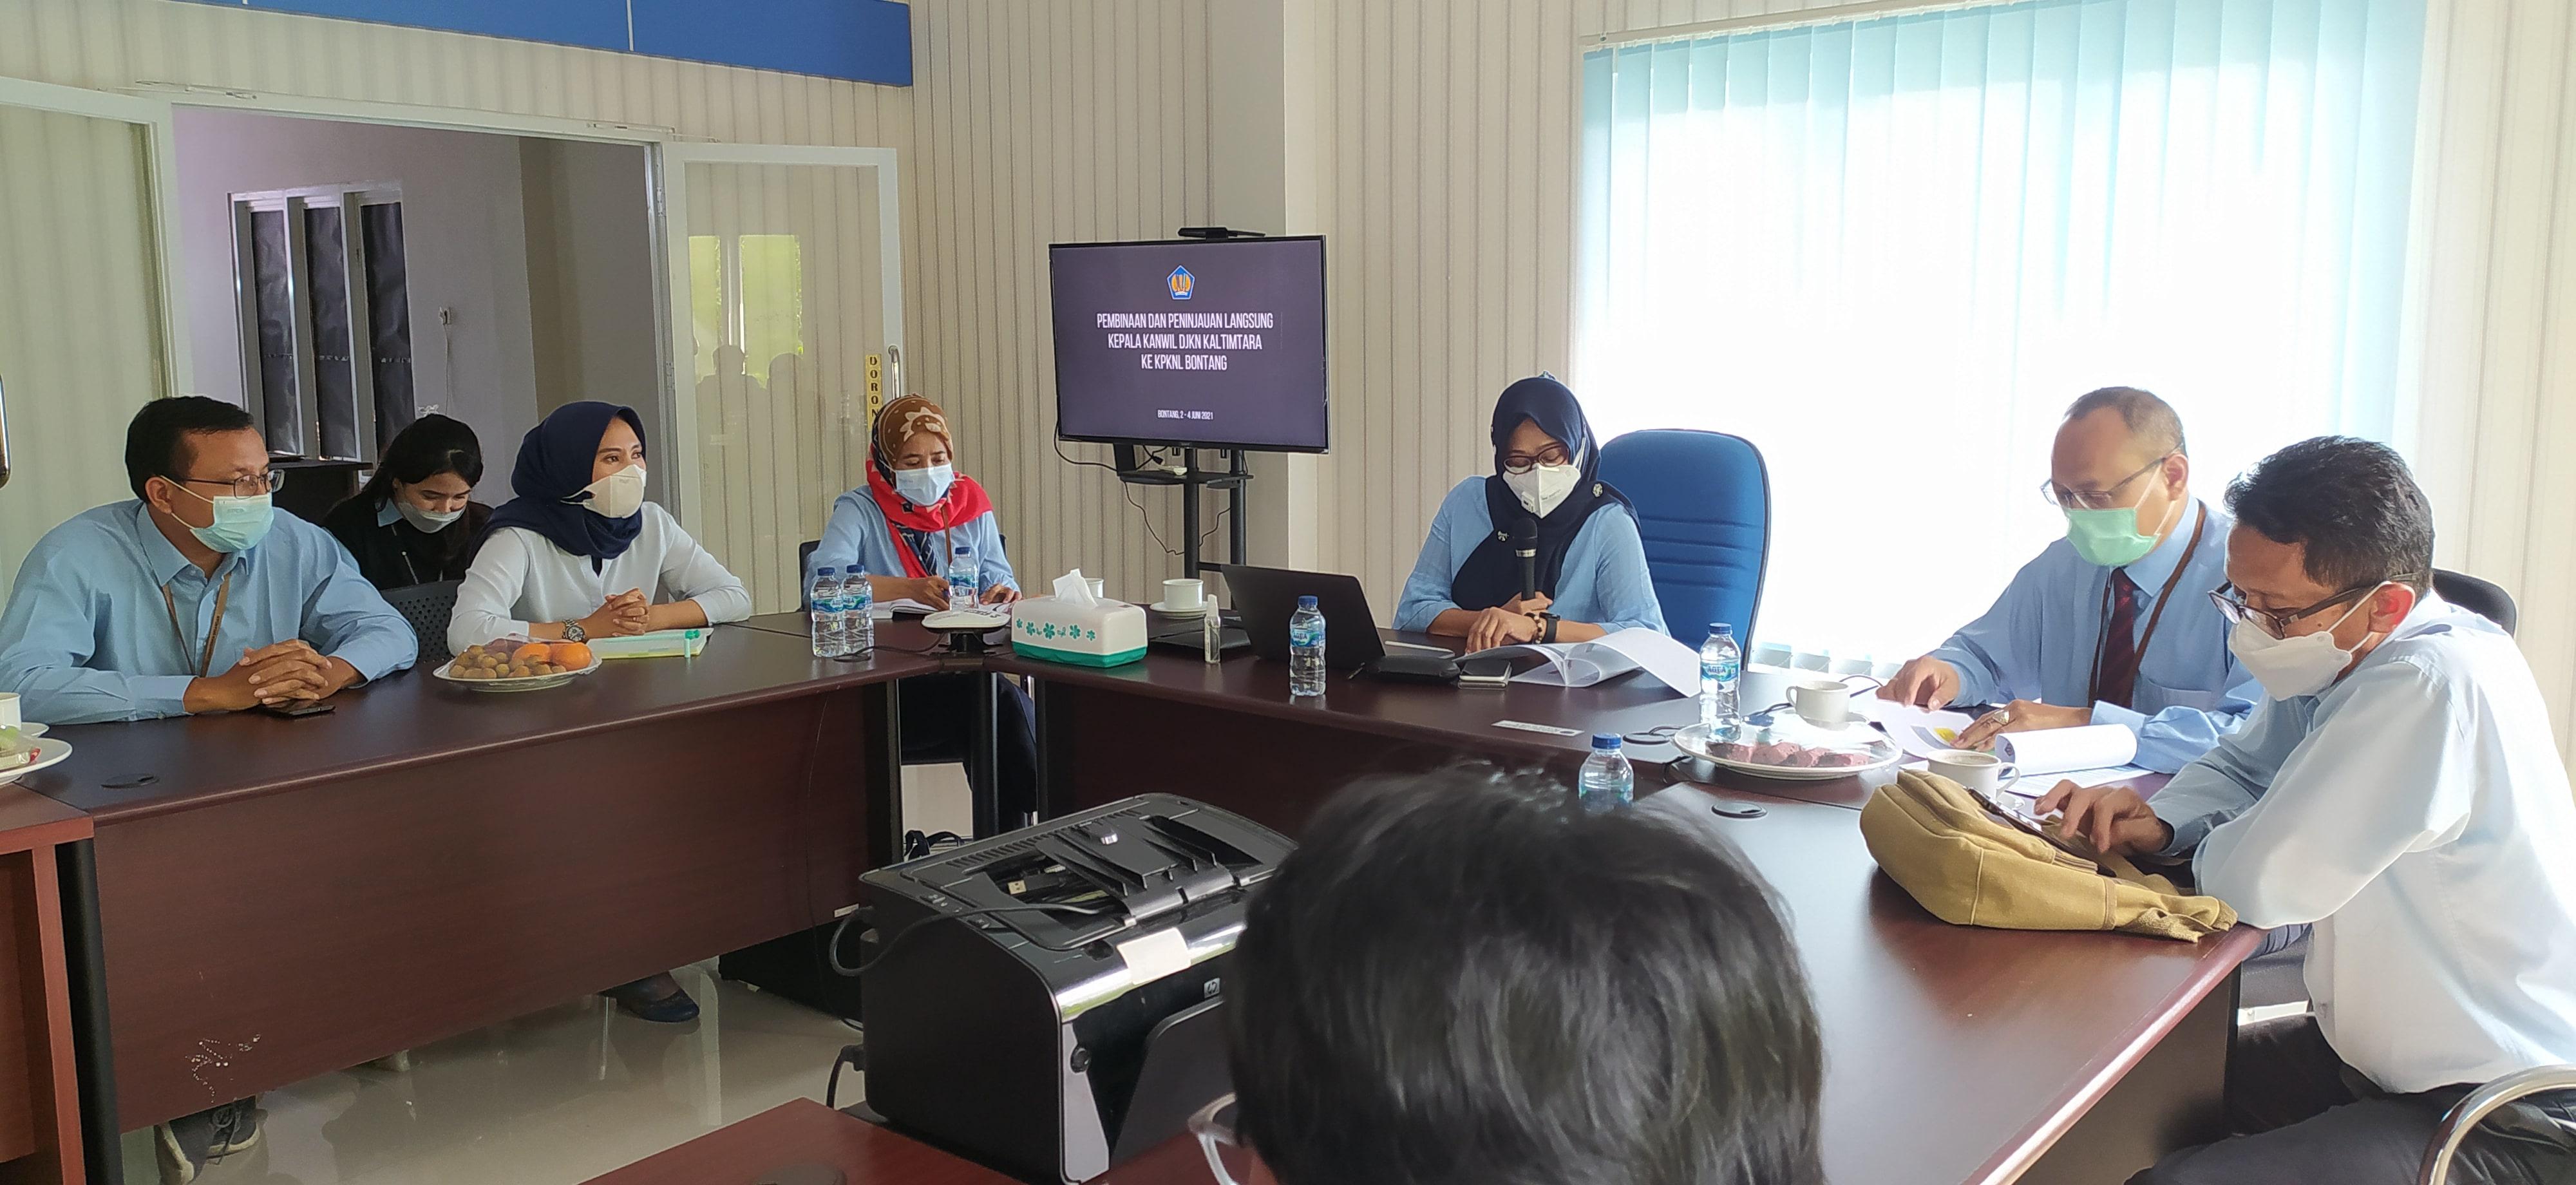 Kunjungan Kepala Kantor Wilayah DJKN Kalimantan Timur dan Utara Ke KPKNL Bontang